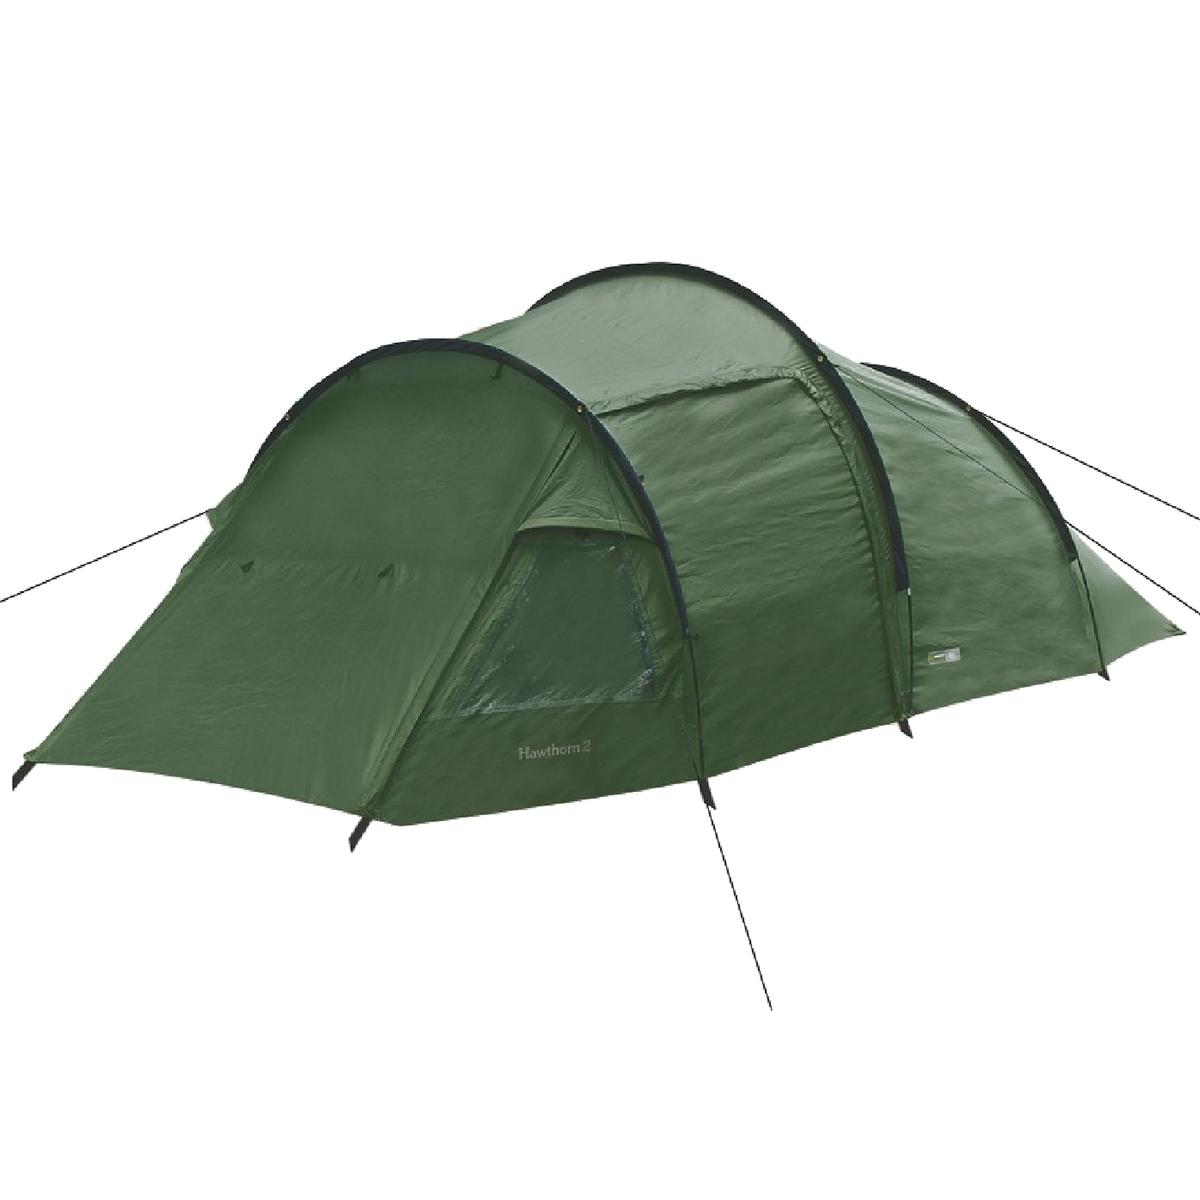 Highlander Hawthorn 2 Tent Olive Highlander Hawthorn 2 Tent Olive  sc 1 st  Military 1st & Highlander Hawthorn 2 Tent Olive | Bashas Bivis u0026 Tents ...